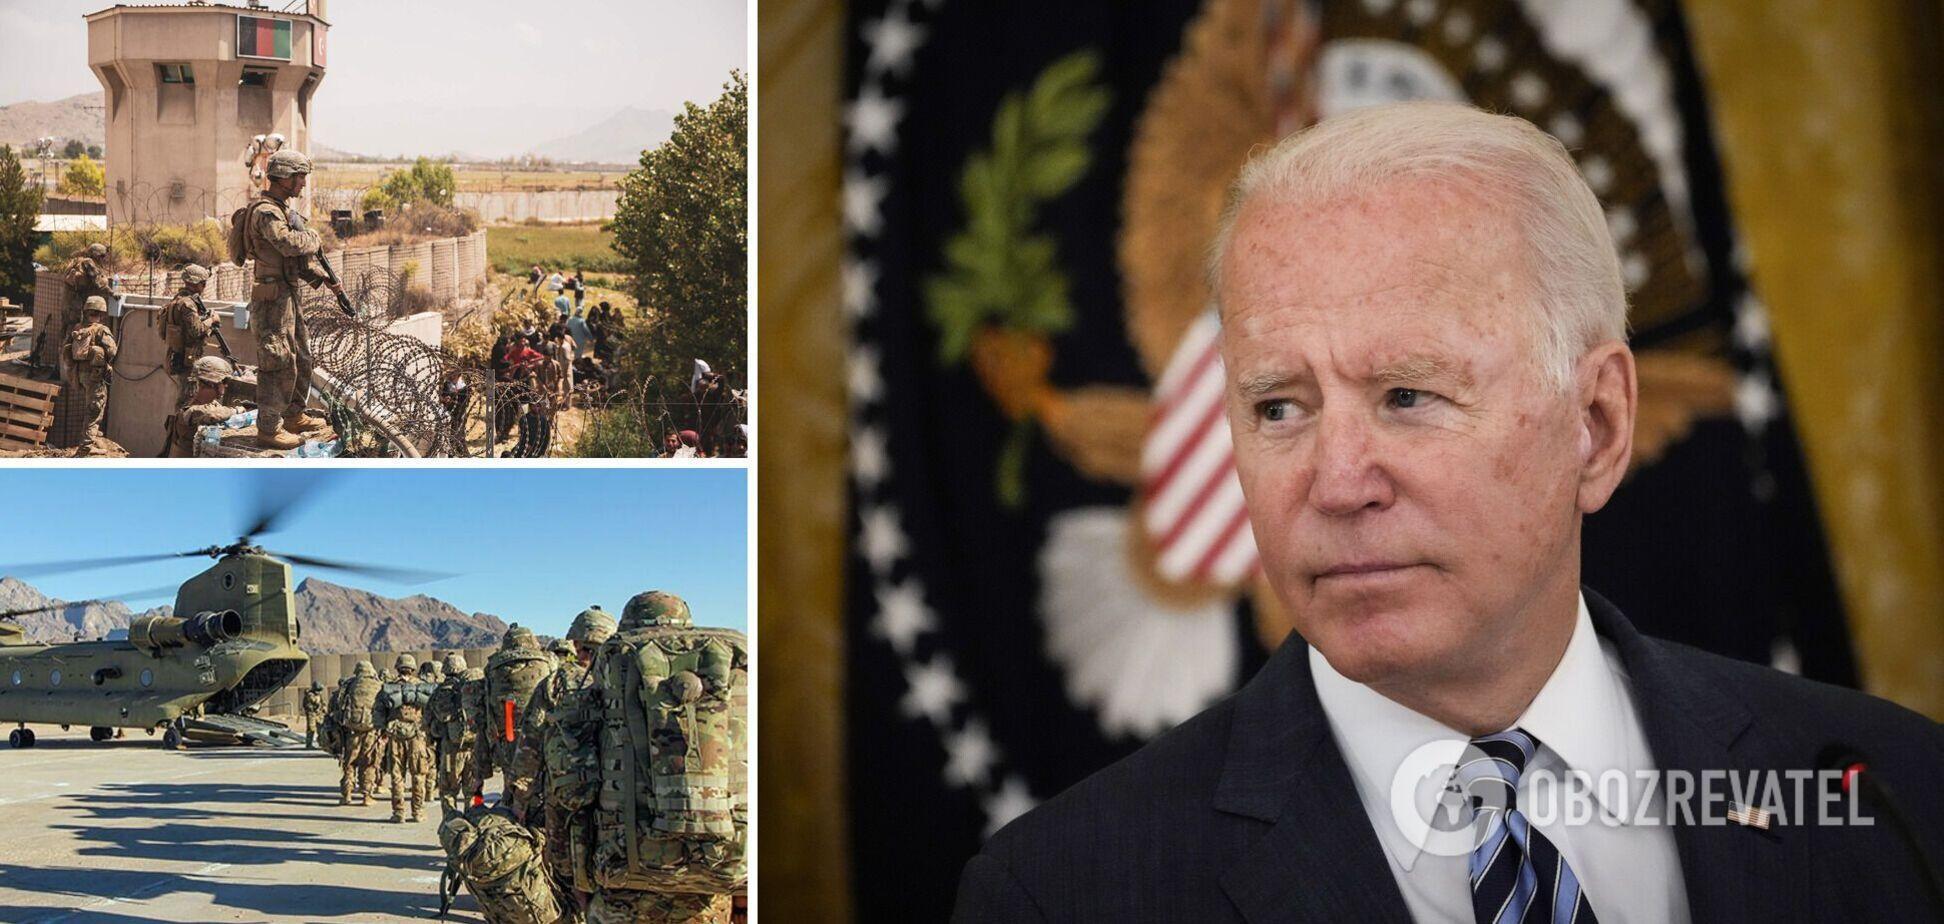 Байден назвав правильним виведення військ США з Афганістану: вибір був між відходом і ескалацією